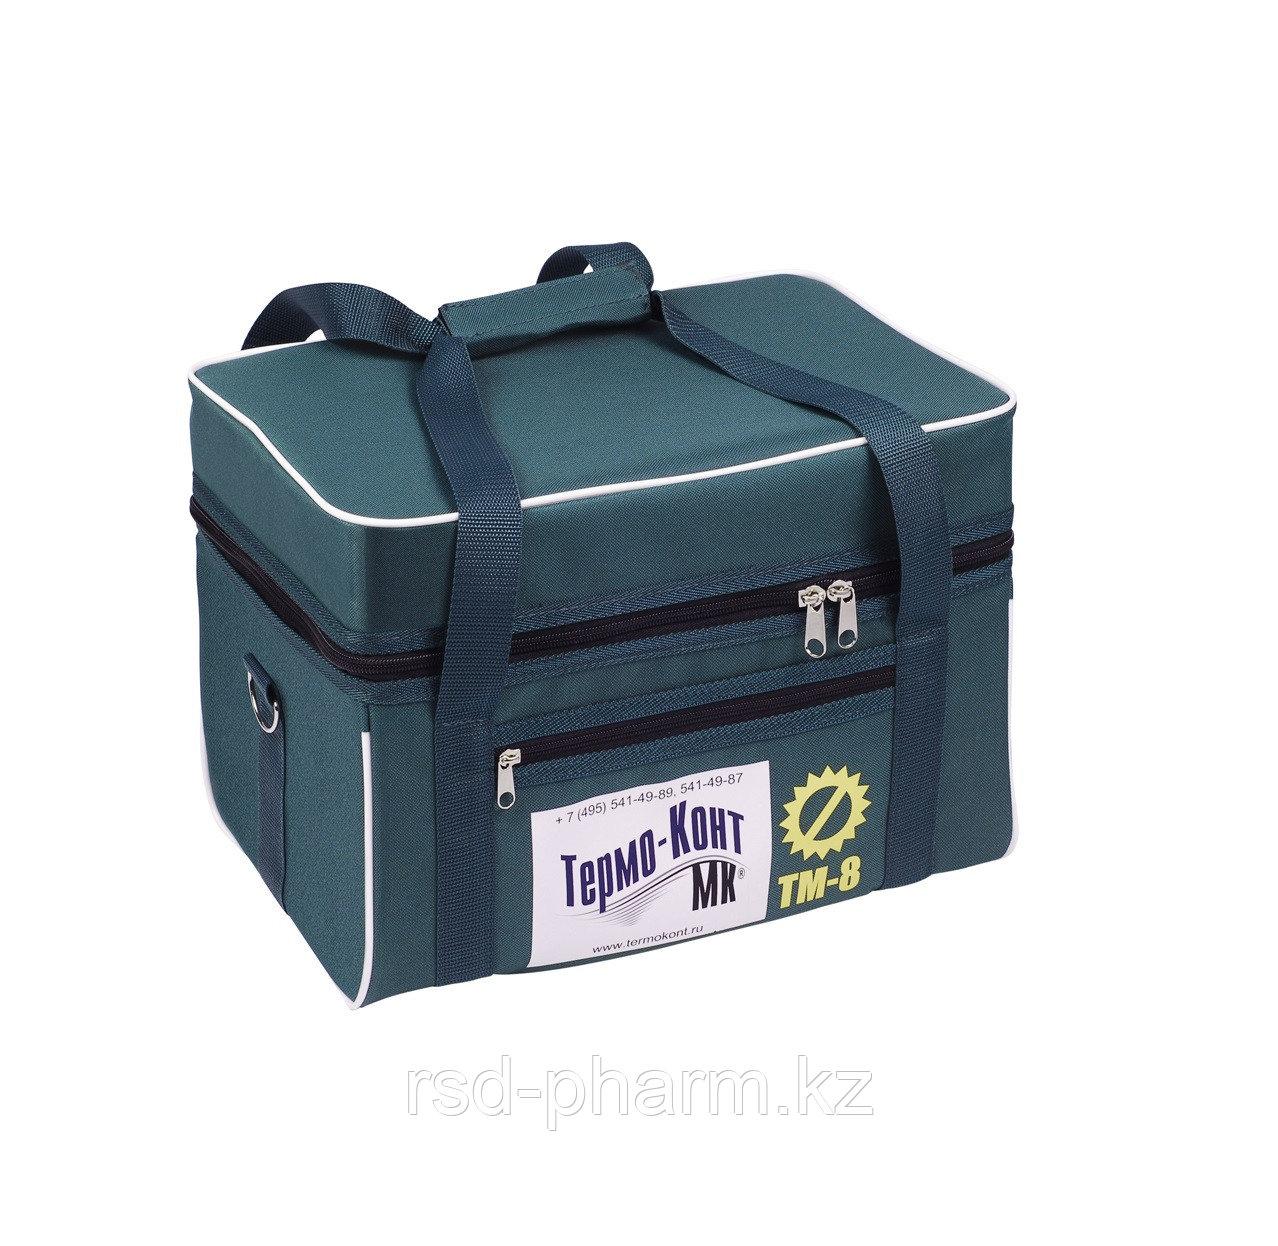 Термоконтейнер ТМ-8 в сумке-чехле